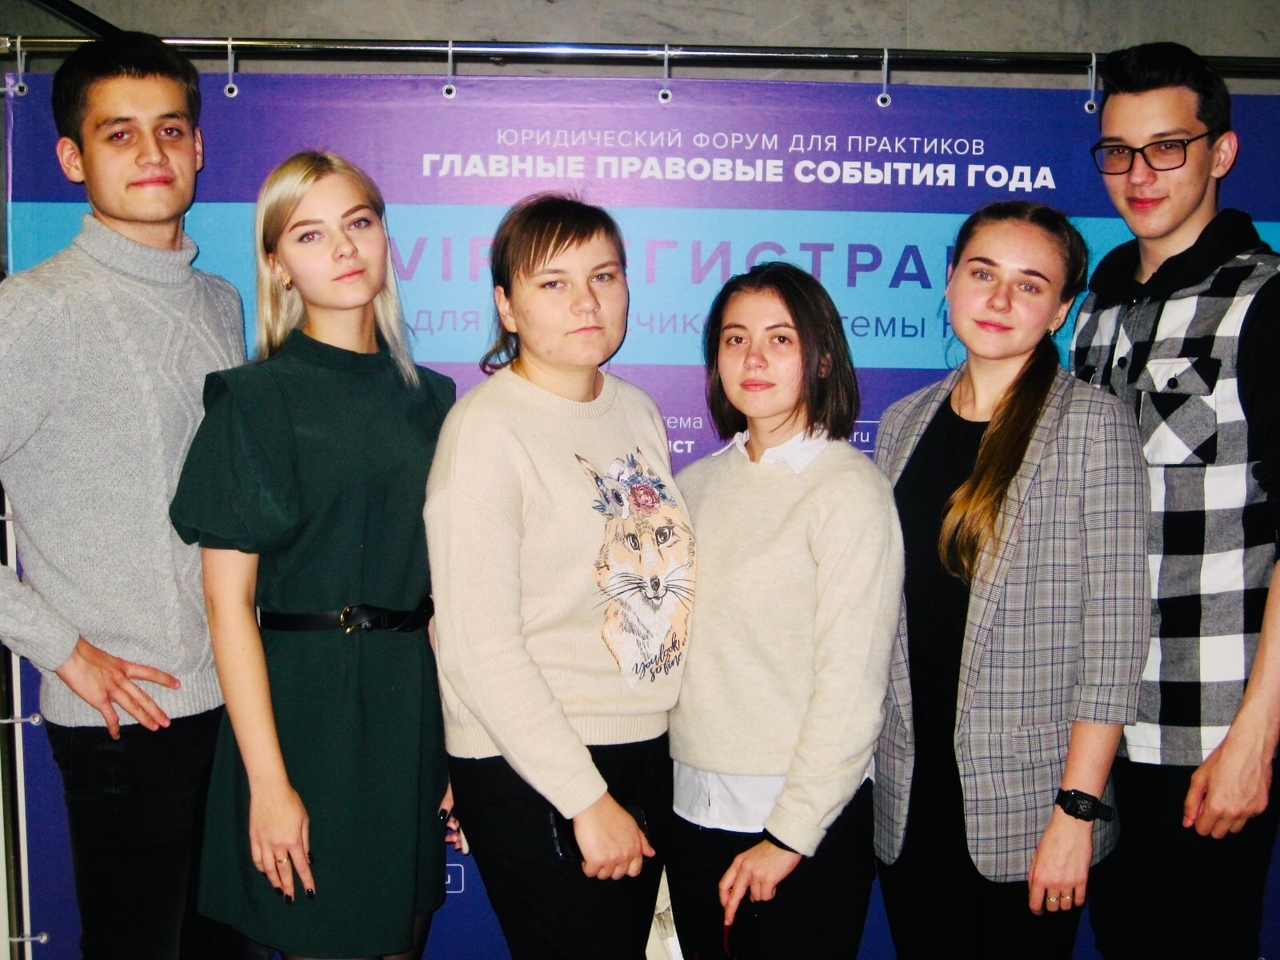 Студенты Тамбовского филиала РАНХиГС приняли участие в Юридическом Форуме в Кремле